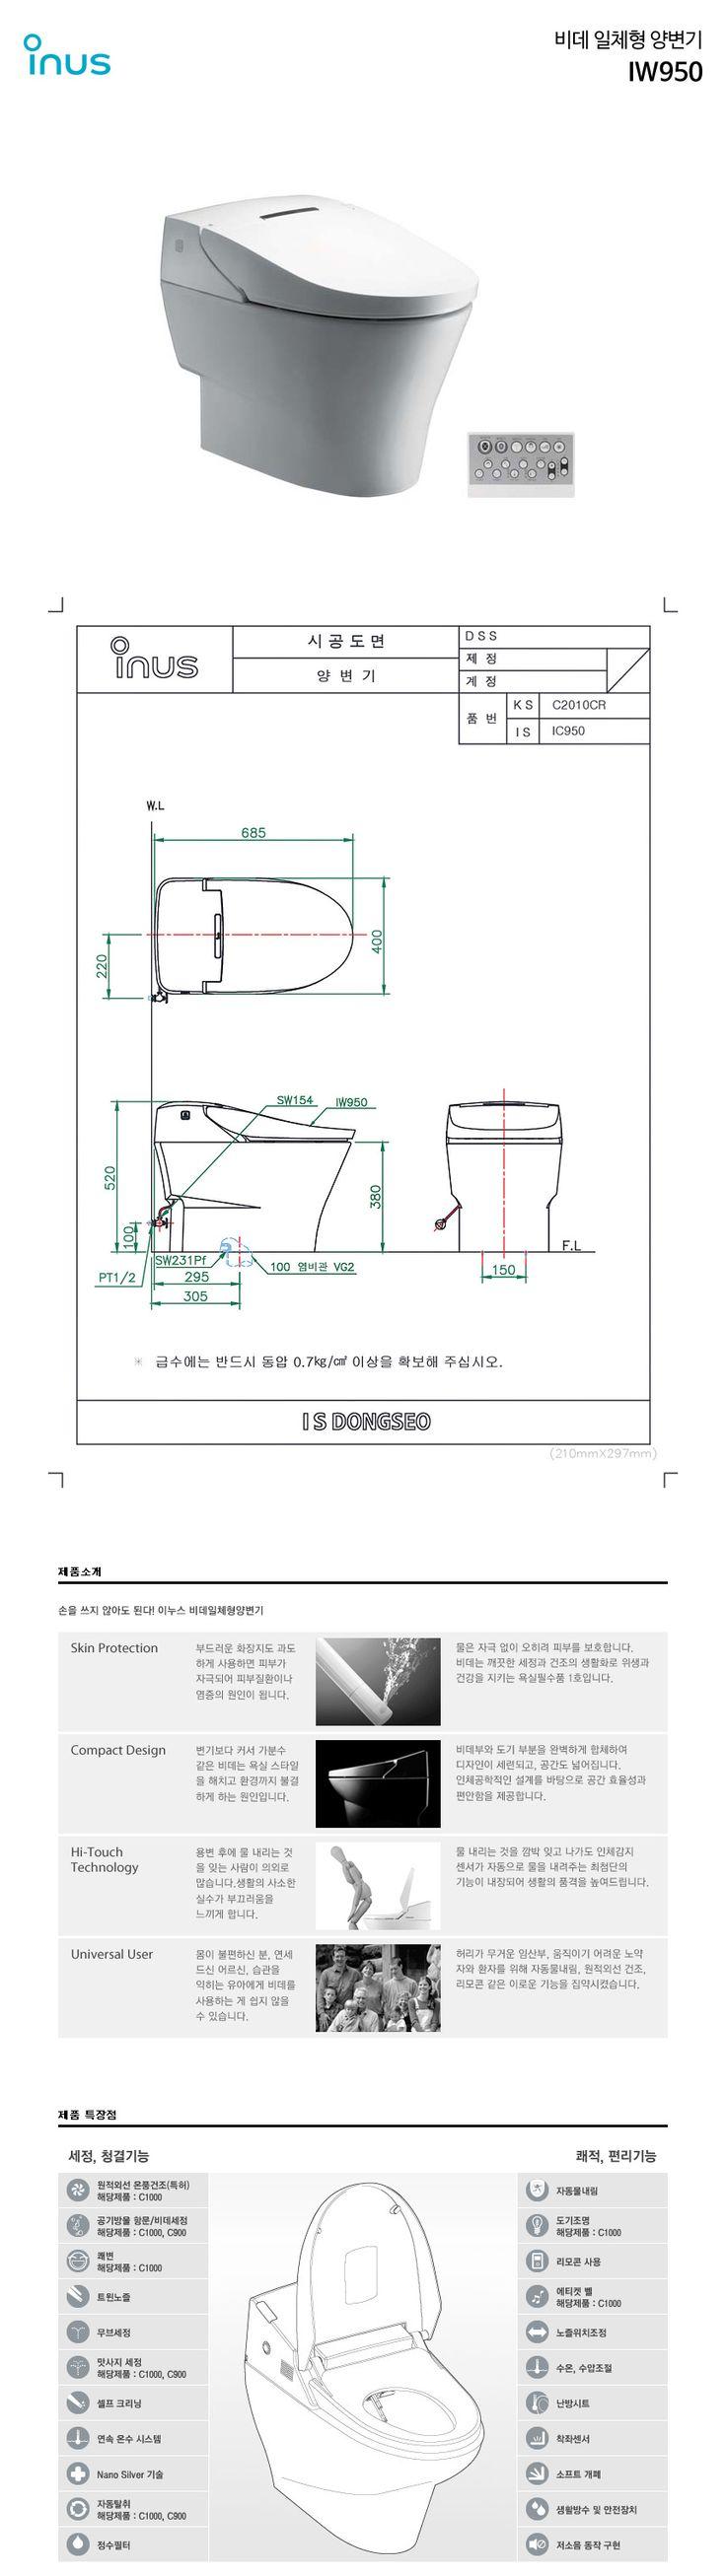 동서 이누스 IW950 비데일체형 양변기 : 지상테크 욕실용품